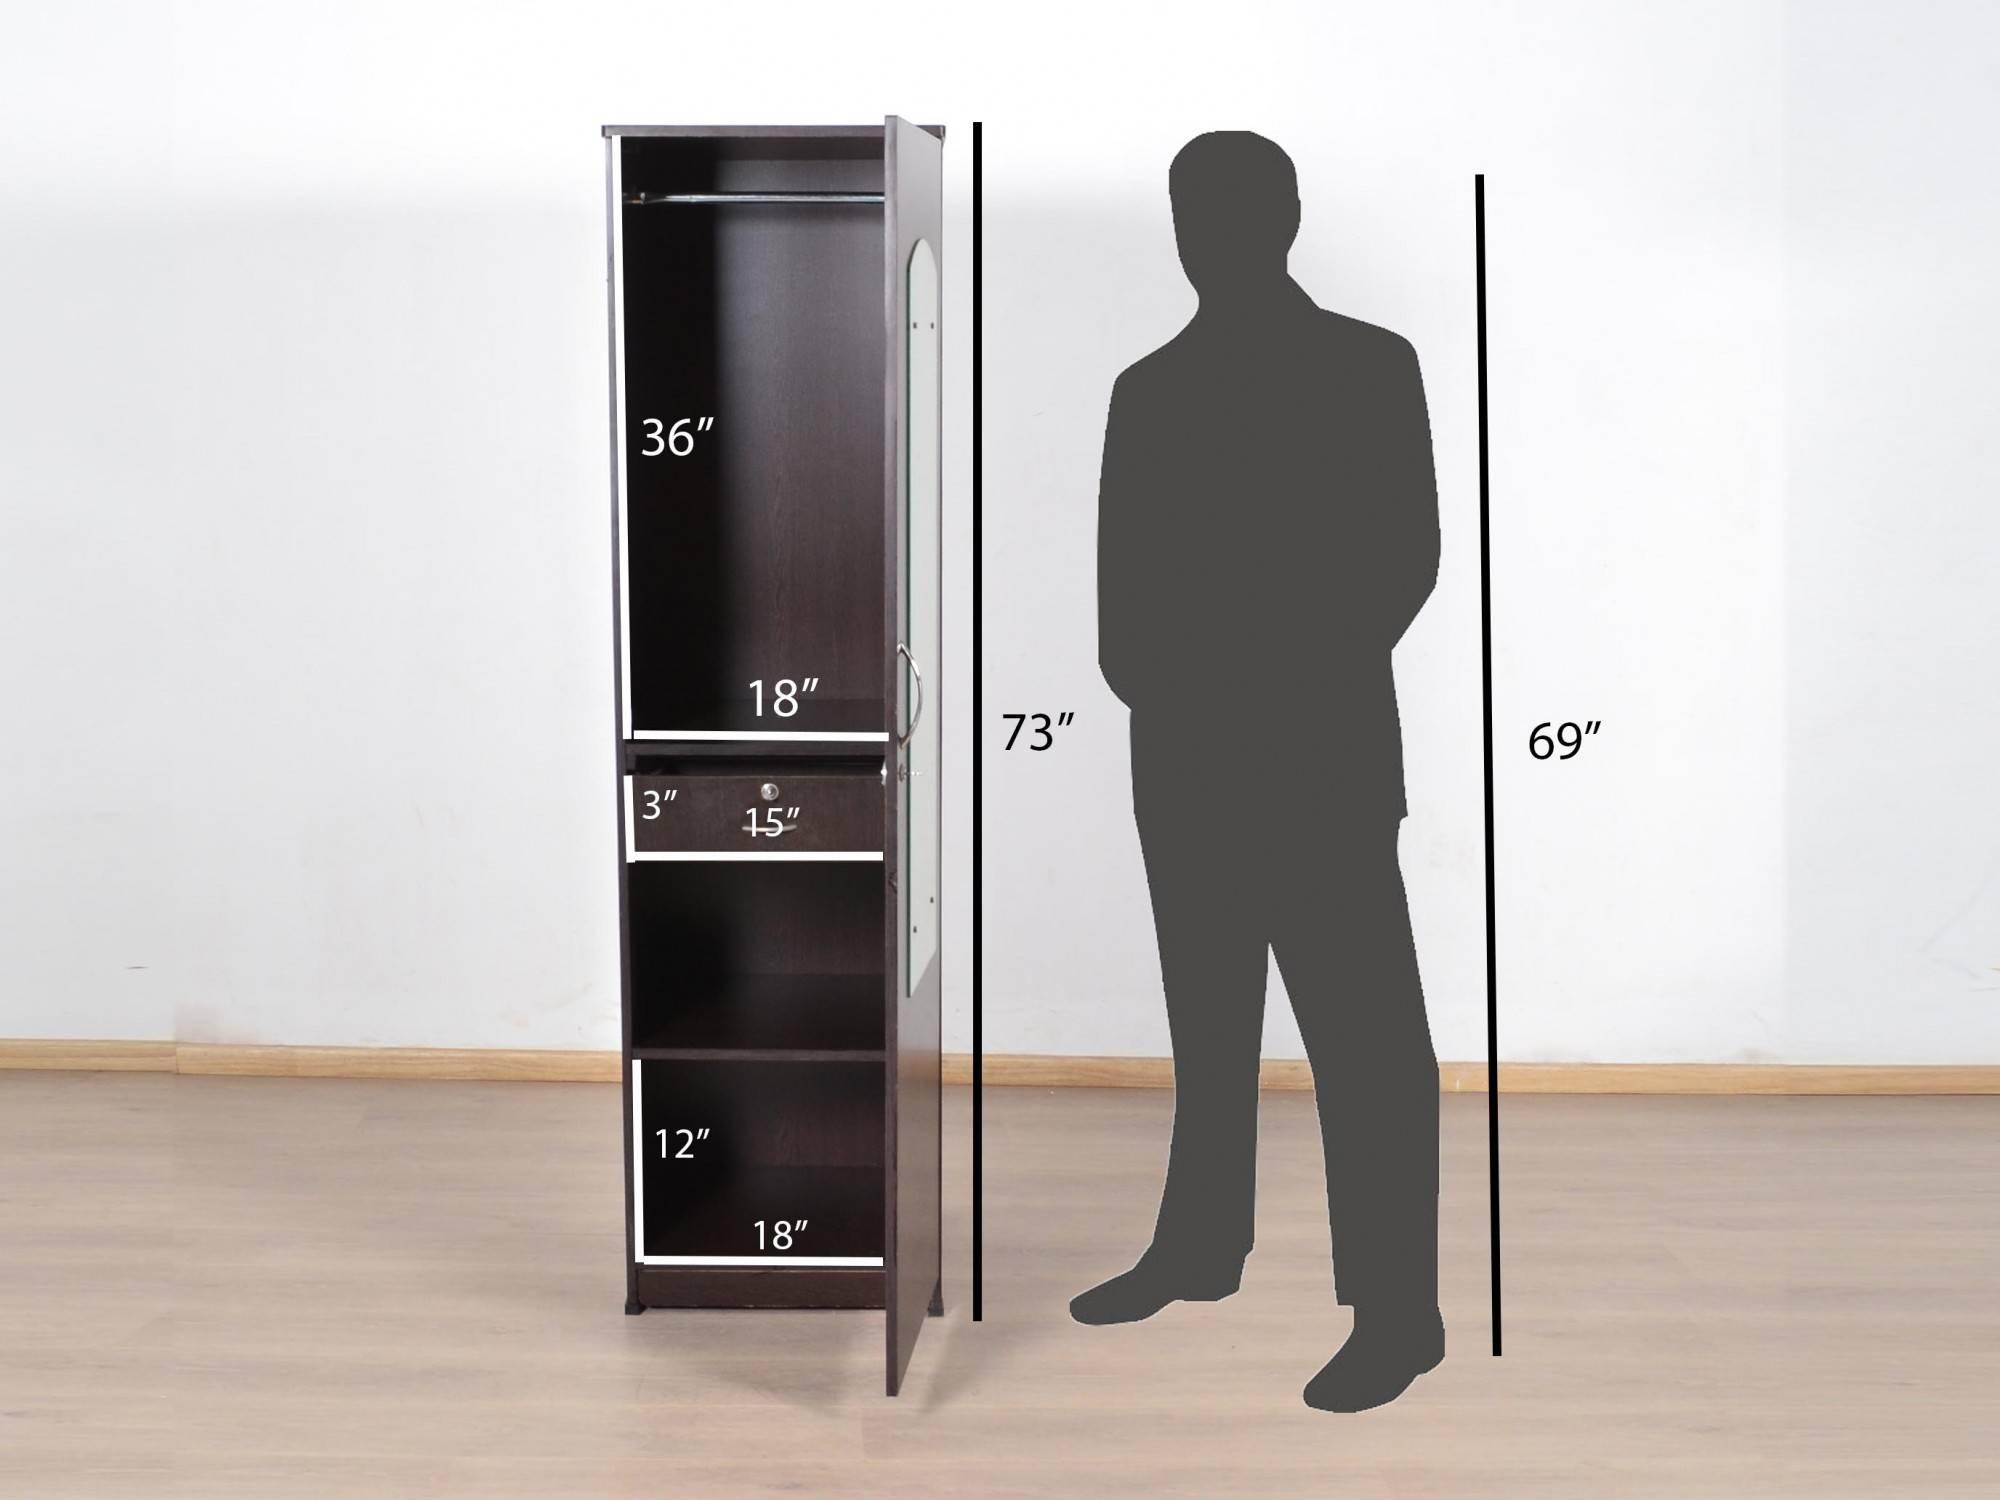 Letitia Single Door Wardrobe With Mirror: Buy And Sell Used Inside Single Door Mirrored Wardrobes (View 4 of 15)